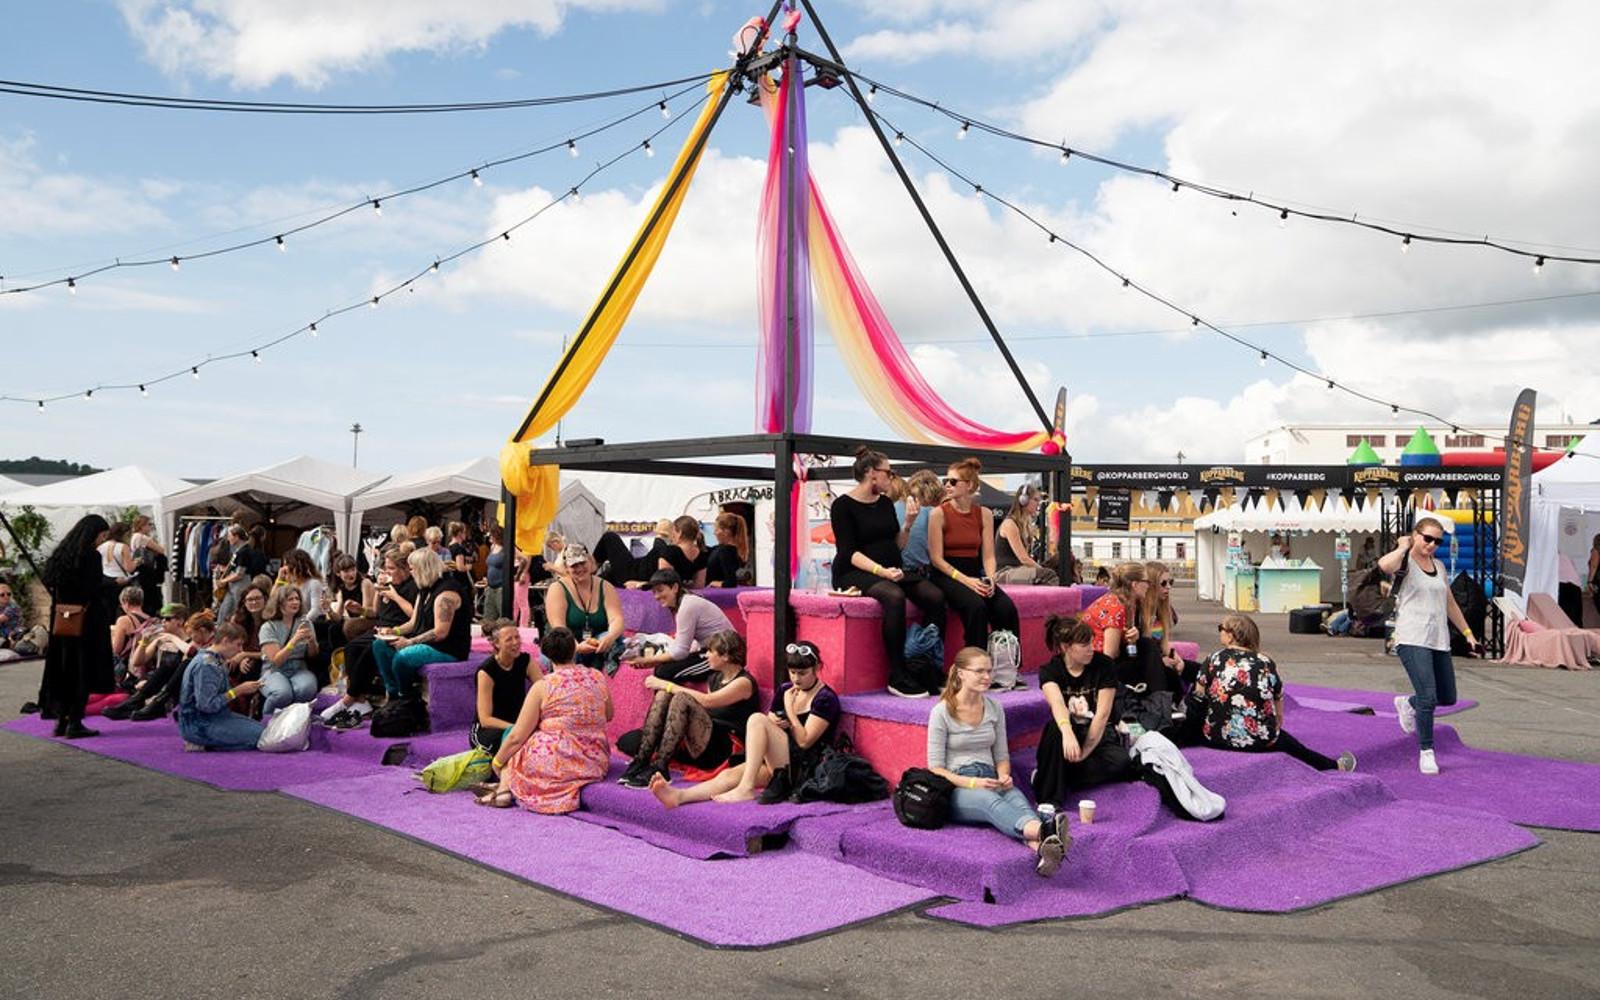 Statement Festival: o festival sueco que baniu a presença de homens cisgênero